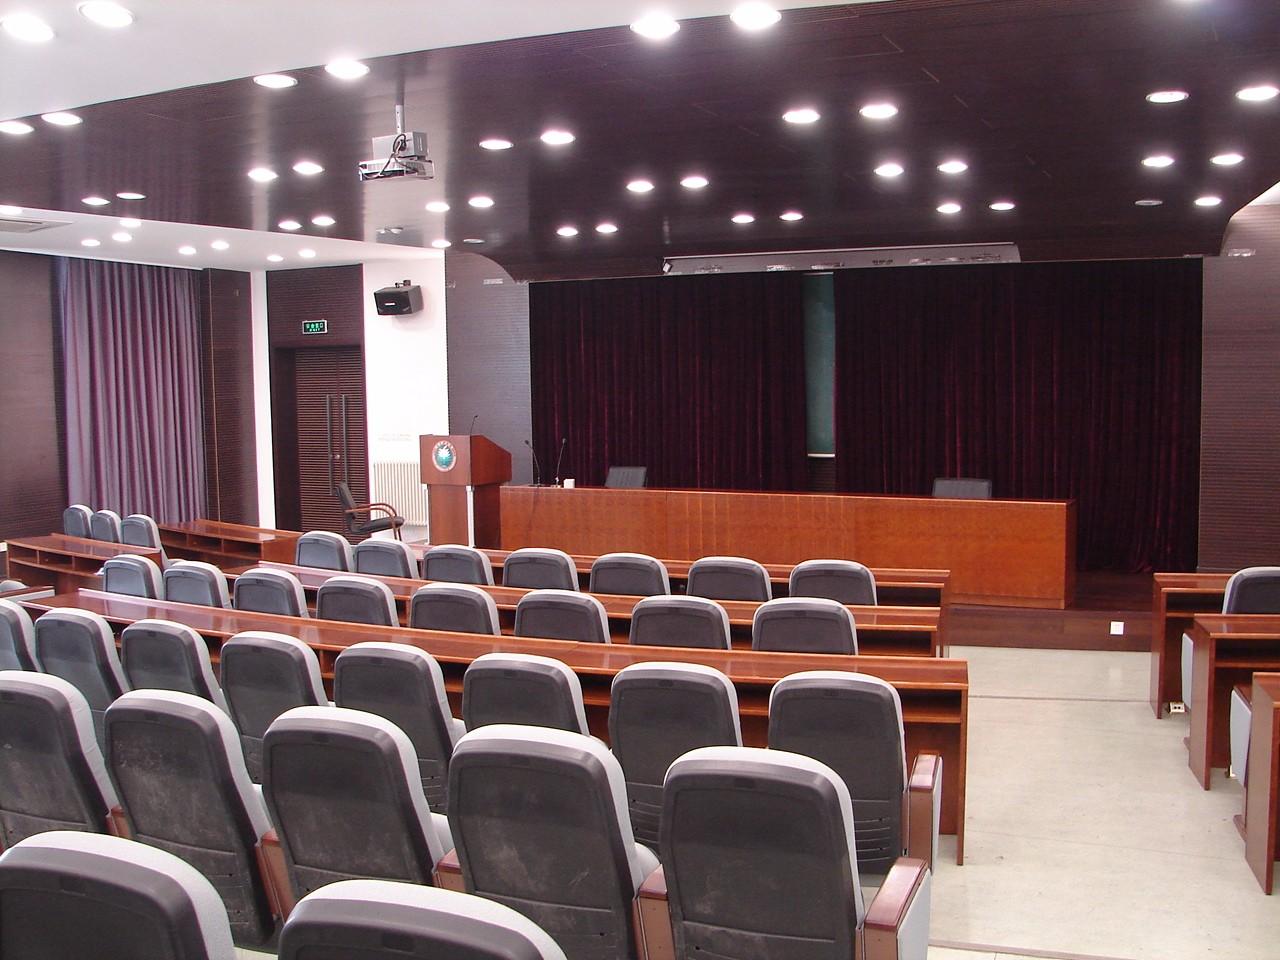 北京理工大学教室-北京理工大学教室讲台